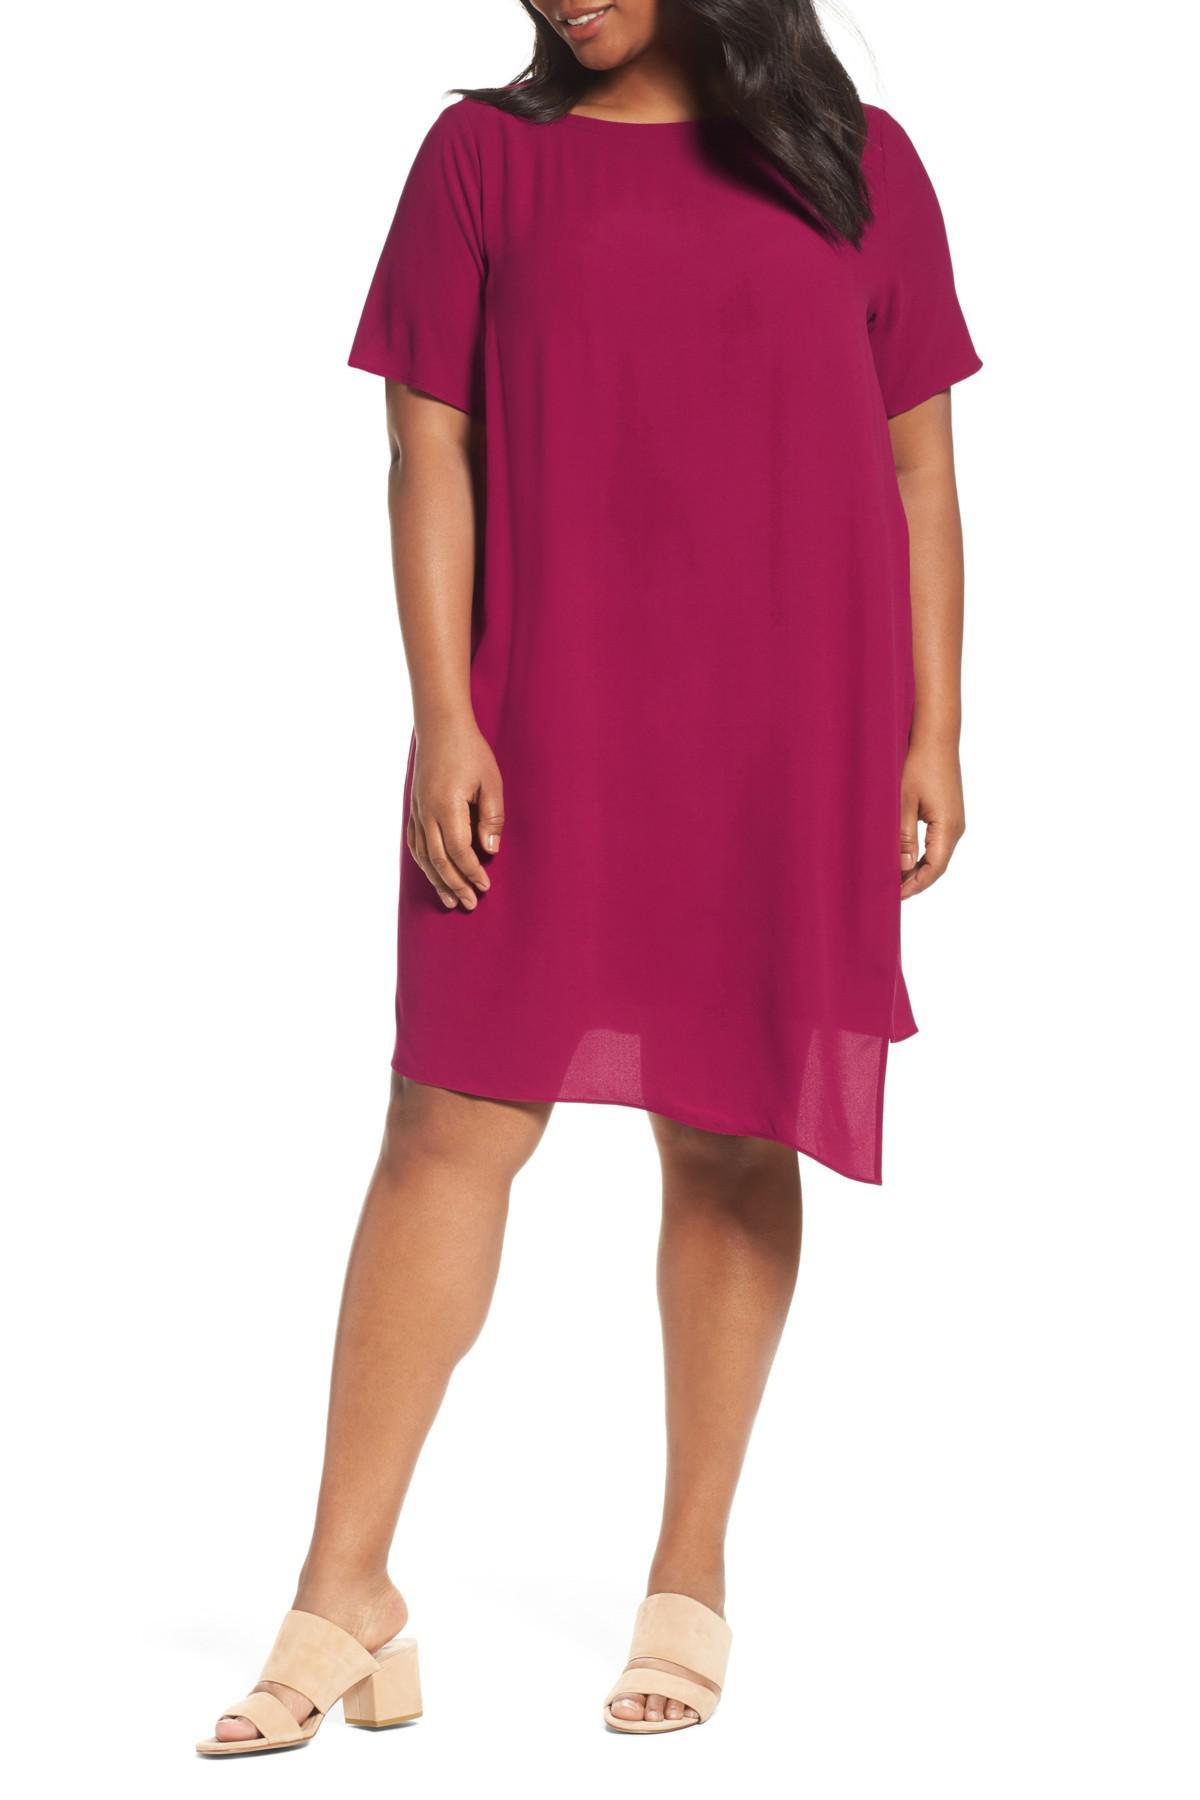 Eileen Fisher Asymmetrical Silk Shift Dress Plus Size In